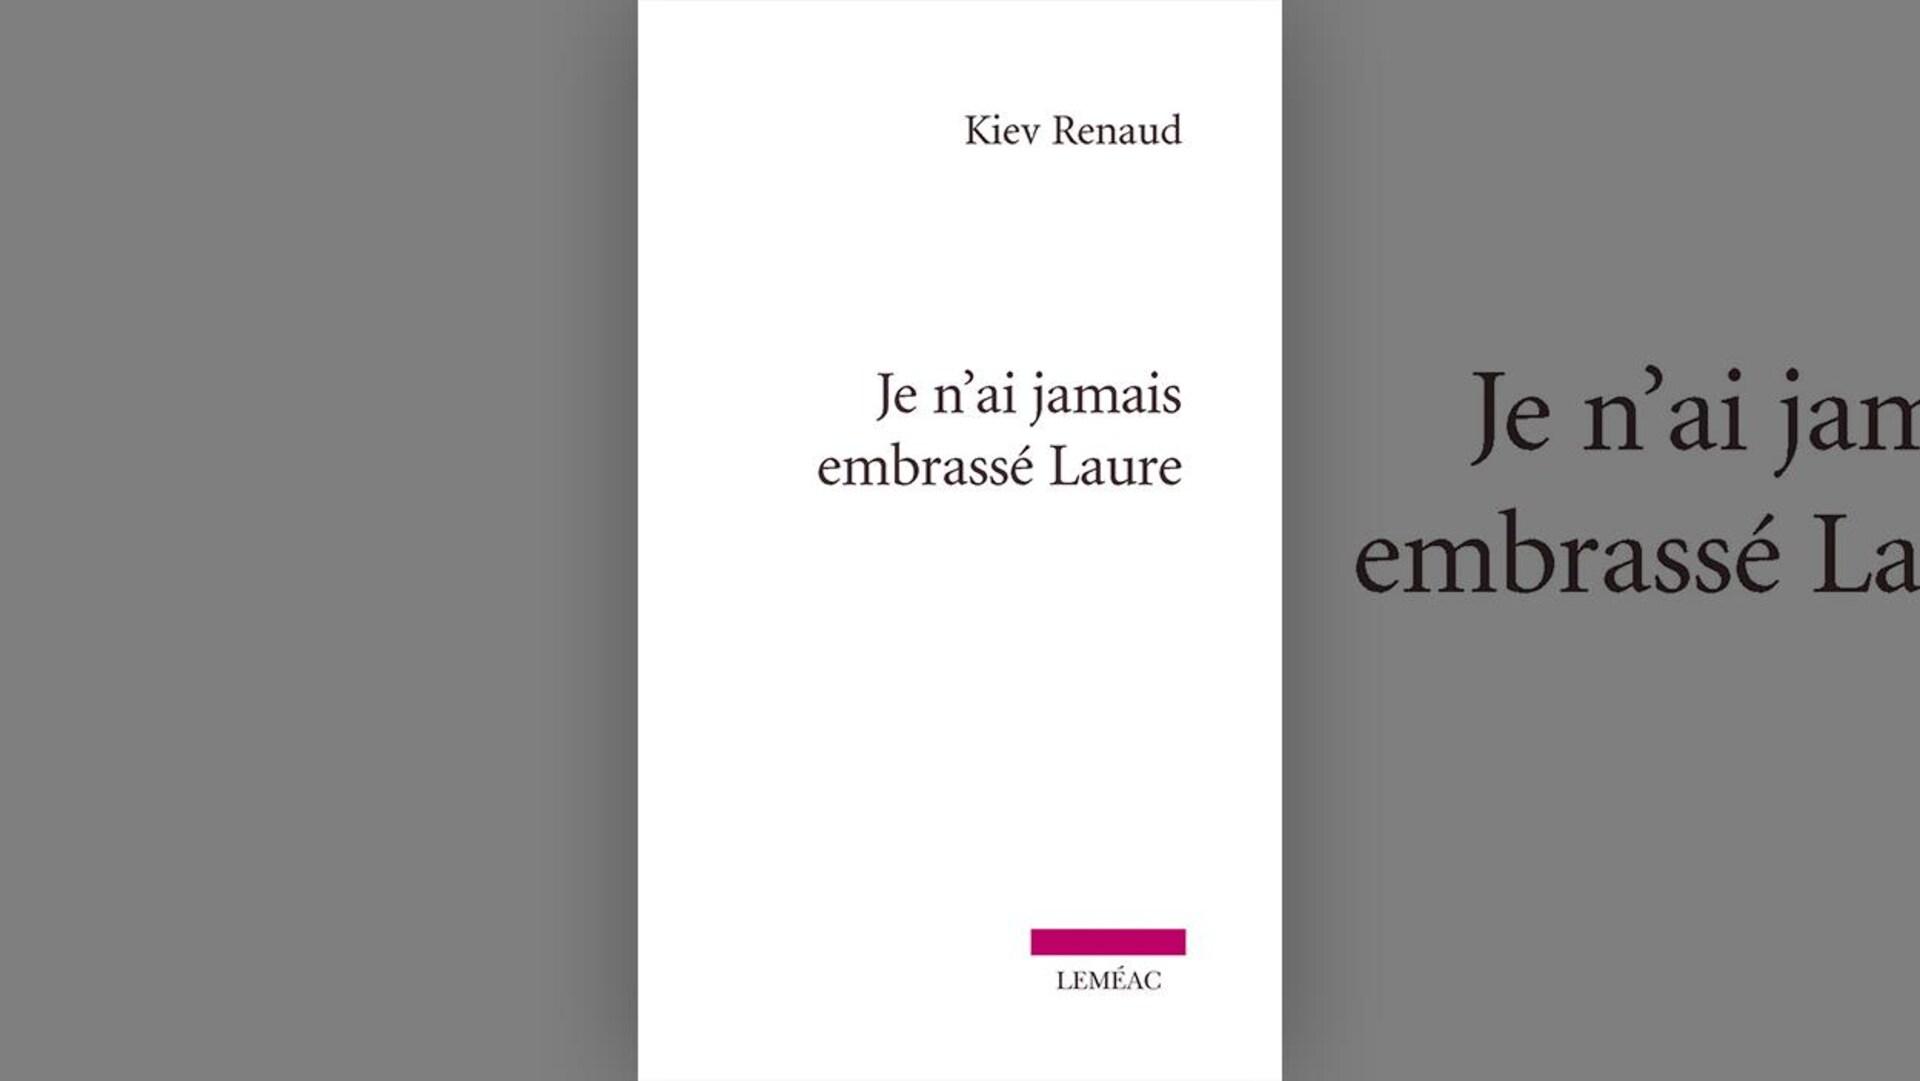 Image de la couverture du livre « Je n'ai jamais embrassé Laure » de Kiev Renaud : le titre, le nom de l'autrice et celui de la maison d'édition (Leméac) écrits sur fond blanc